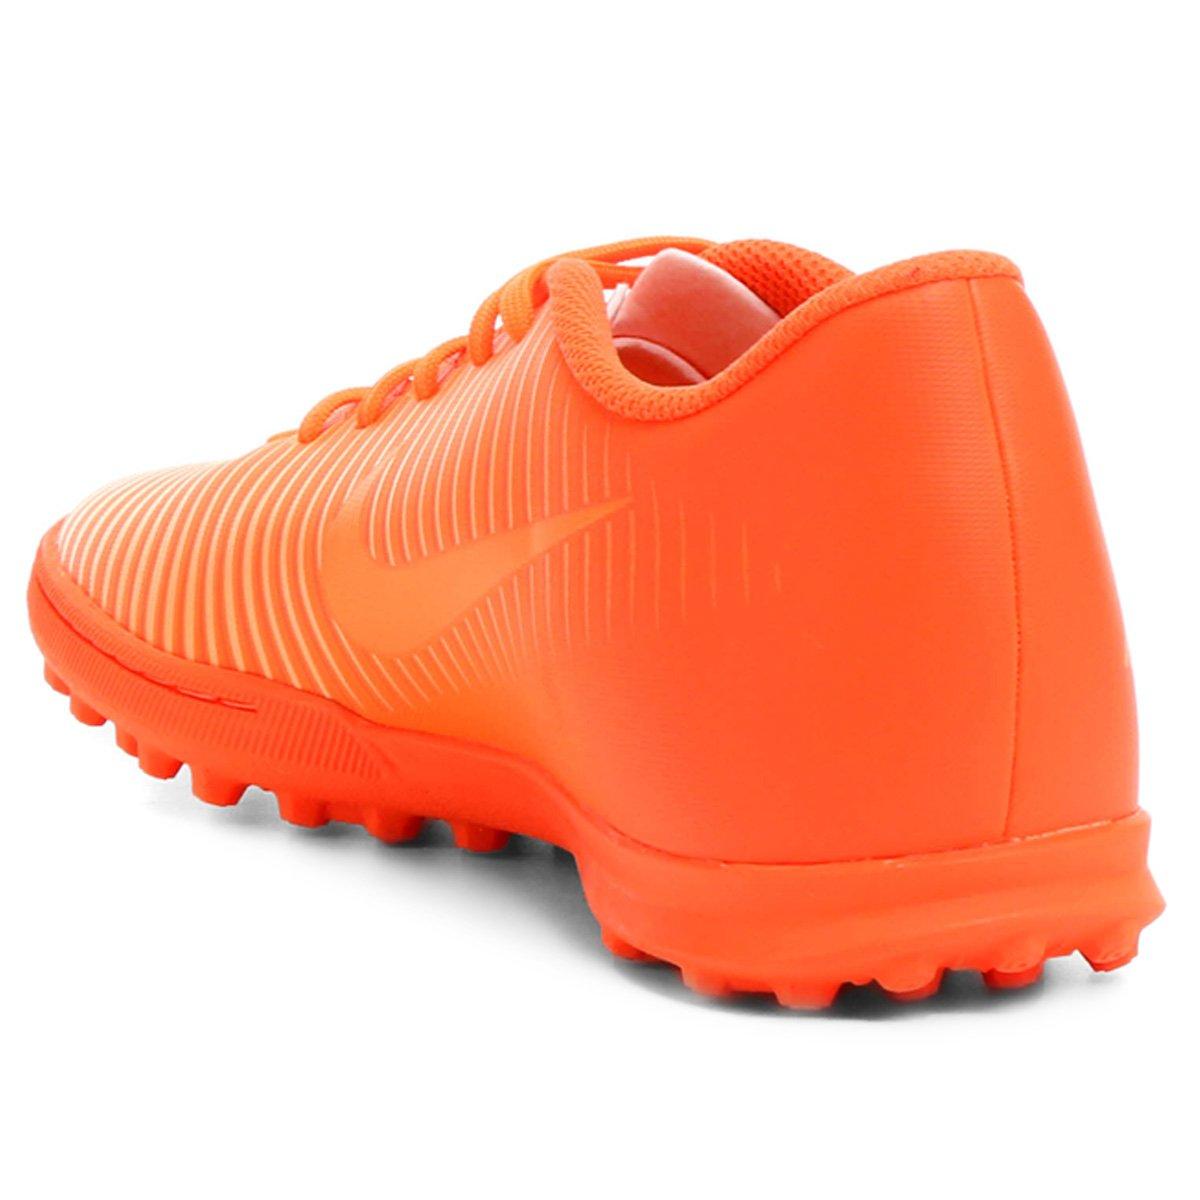 Chuteira Society Nike Mercurial Vortex 3 TF - Laranja - Compre Agora ... 51d68430d07af